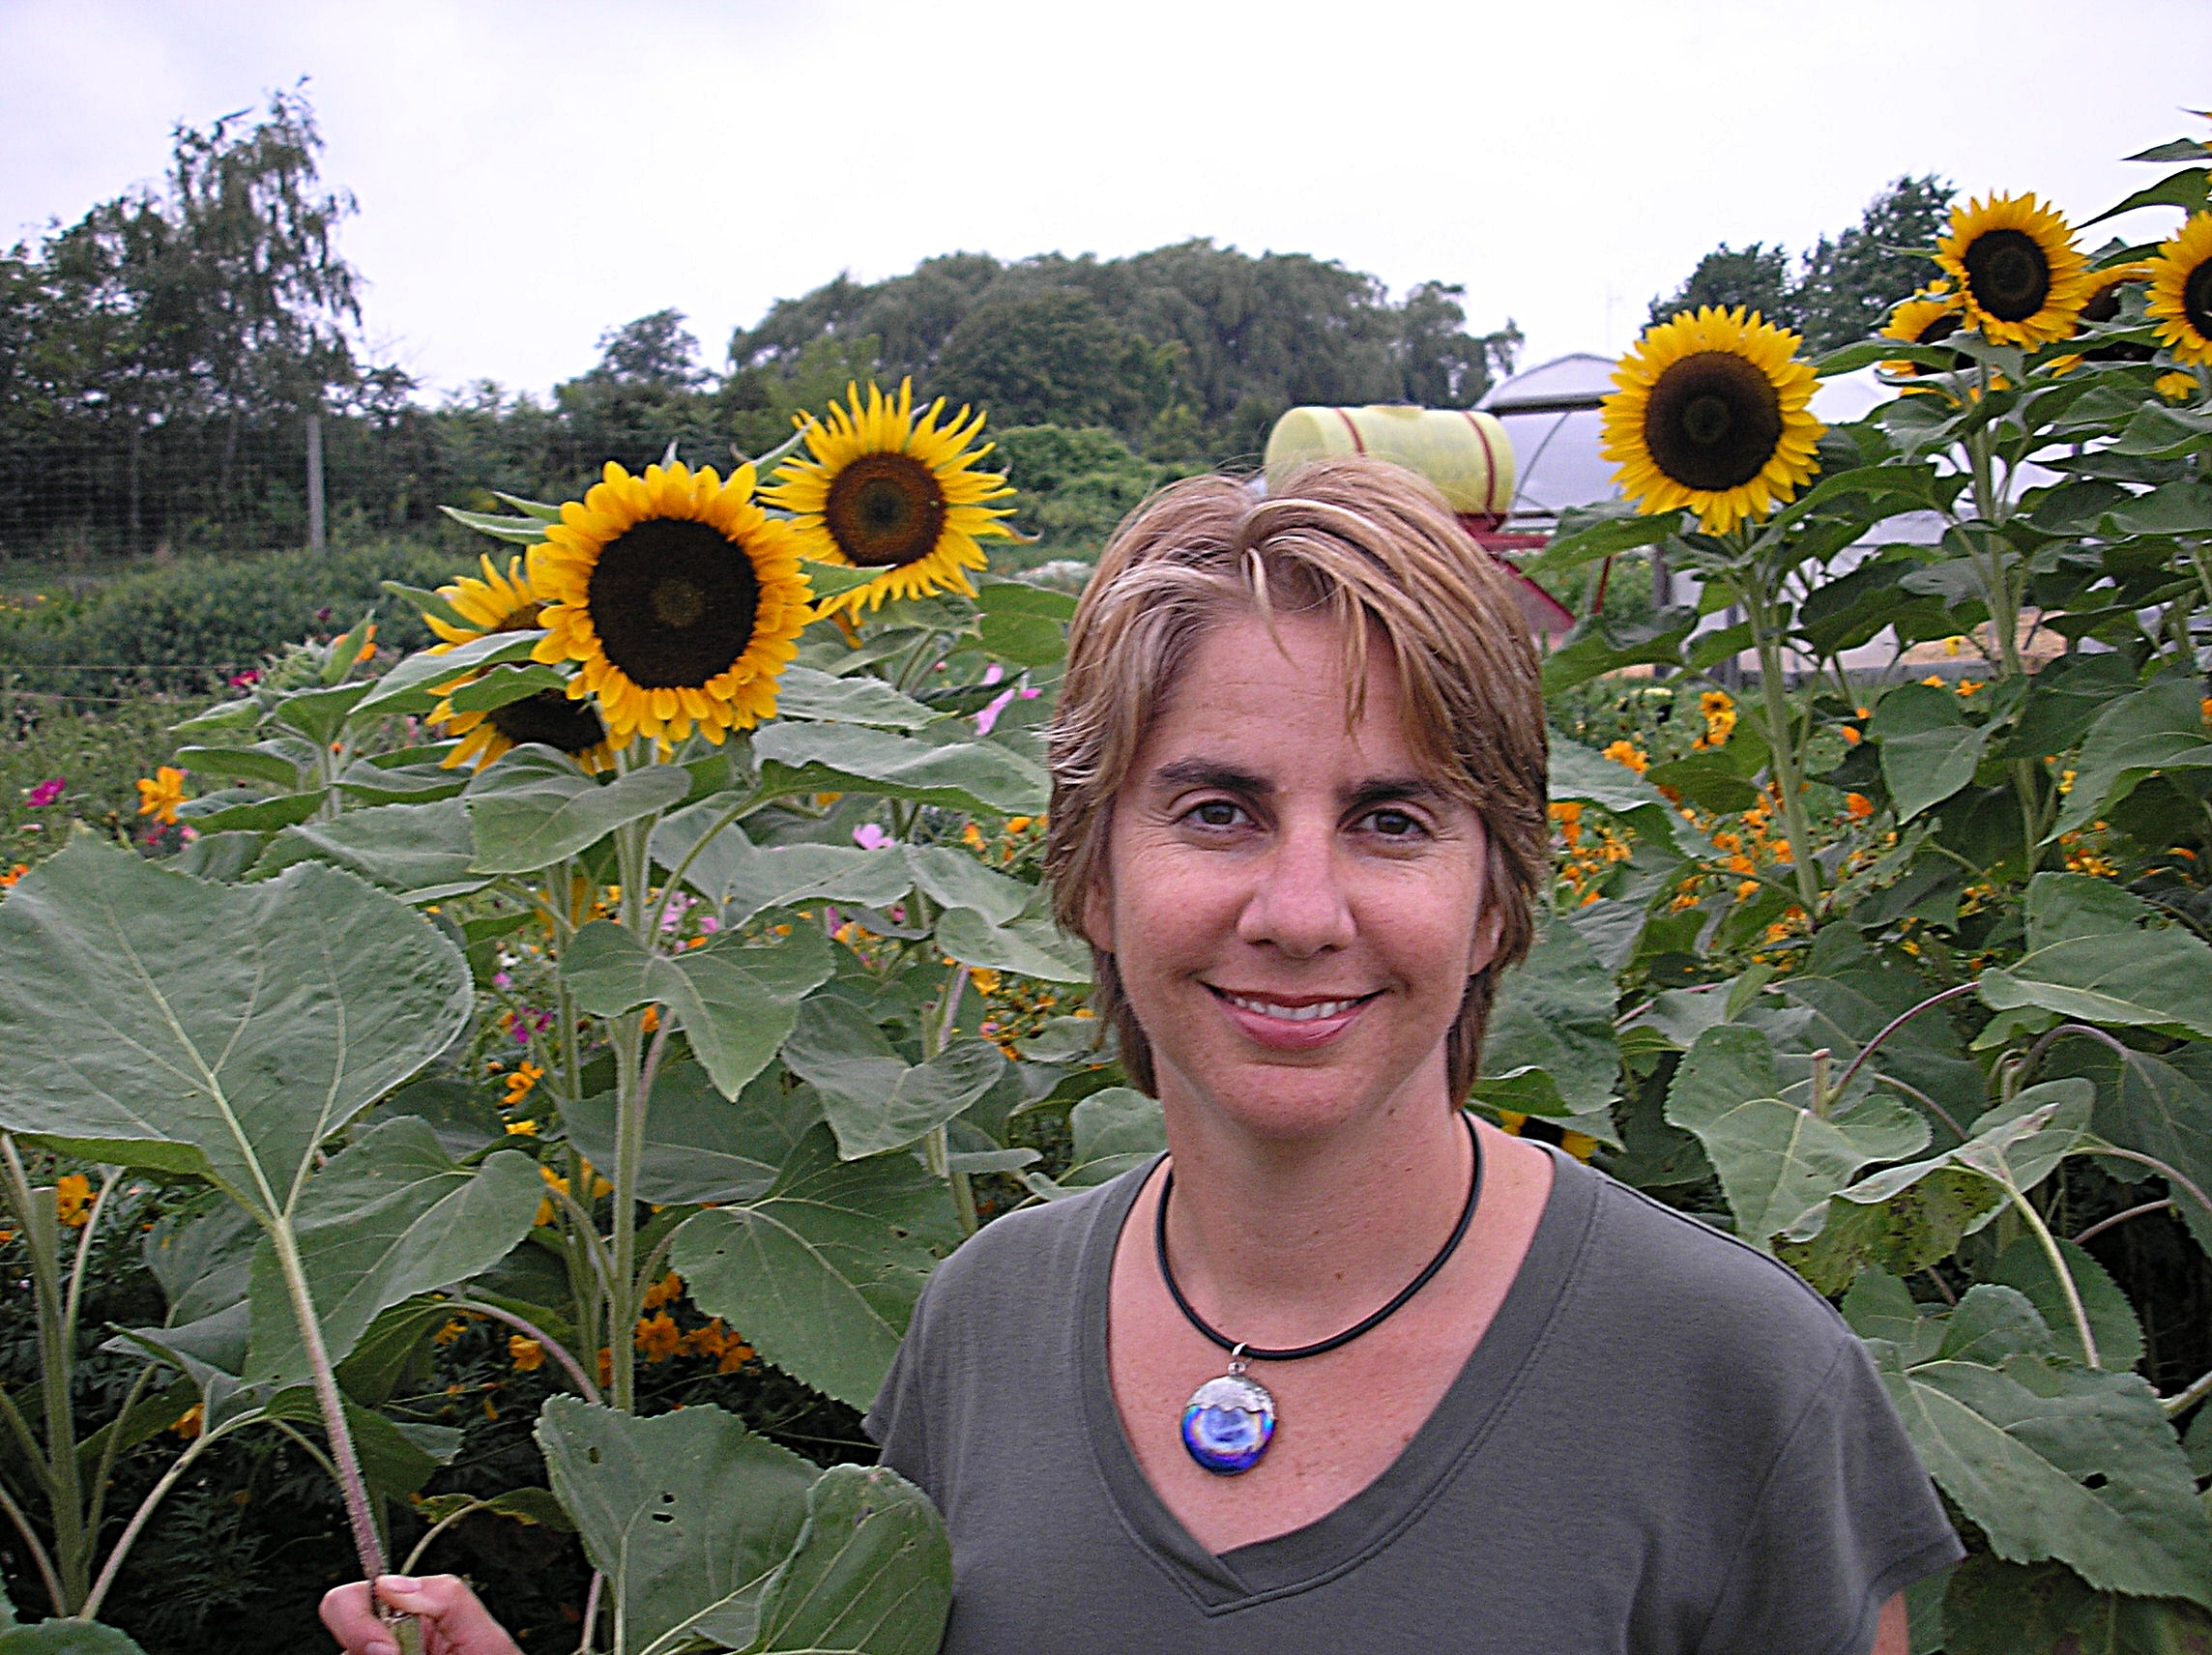 Jen in Sunflowers.JPG